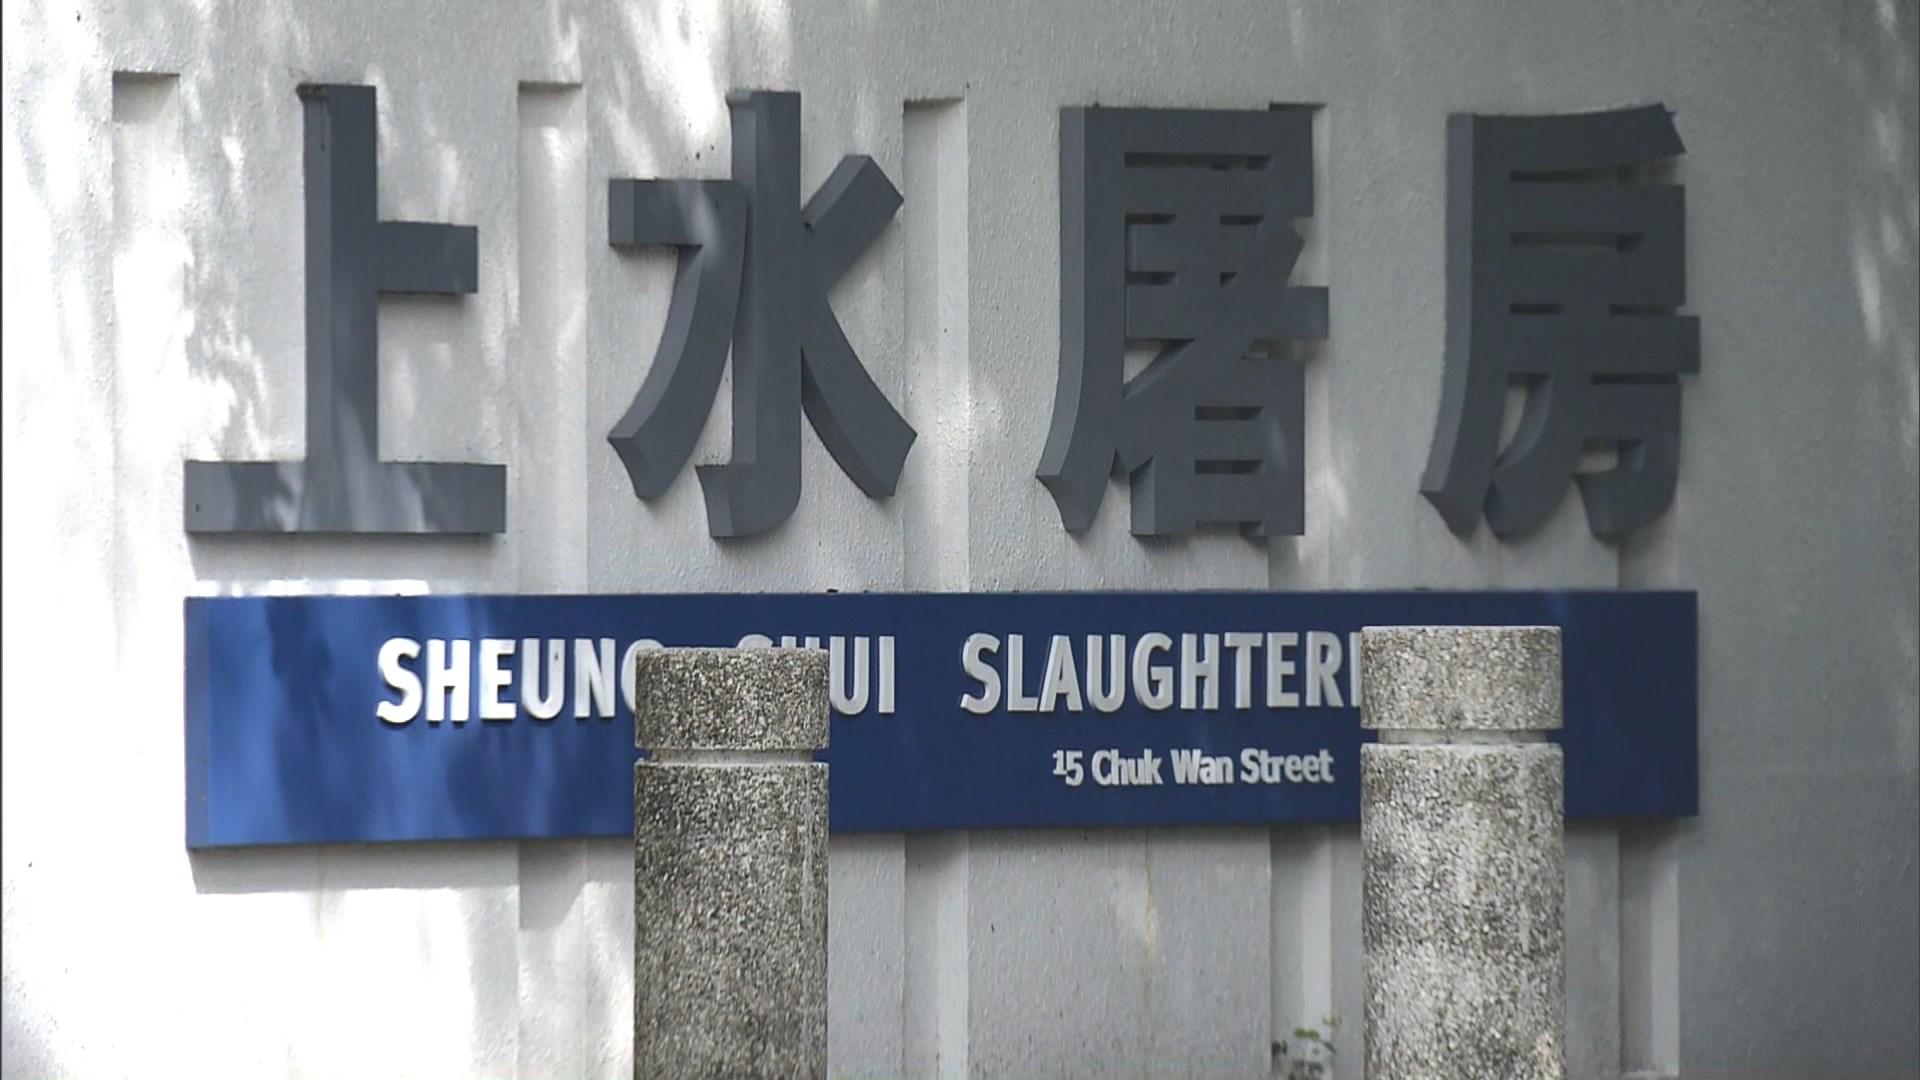 上水屠房恢復運作 料明有1400隻活豬應市